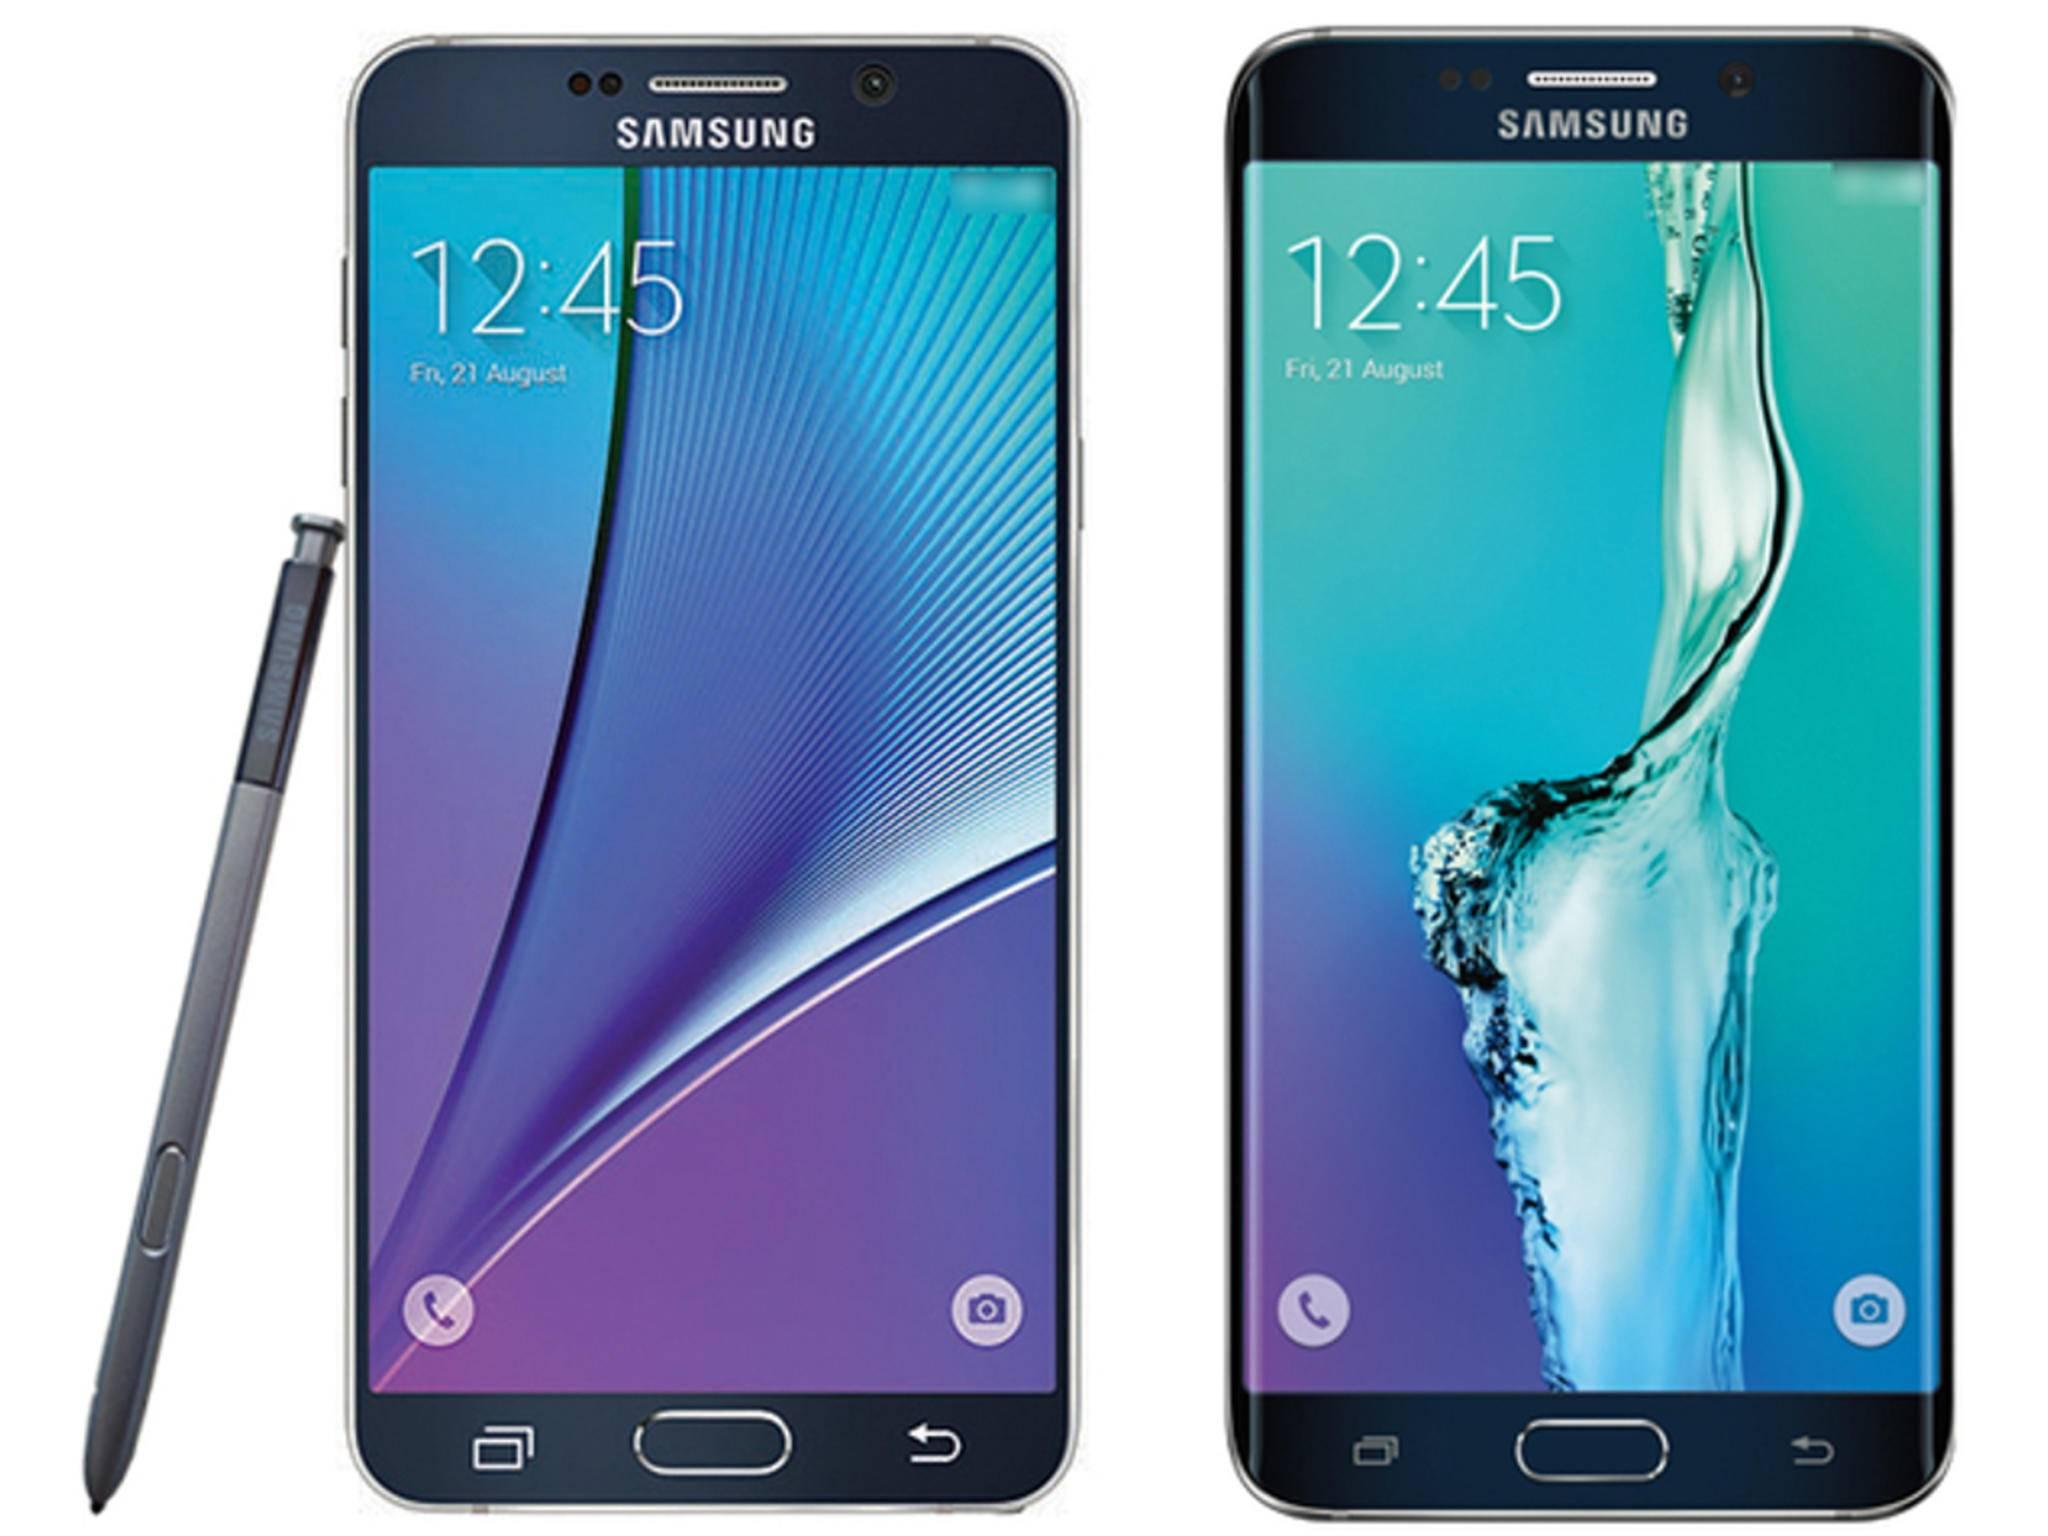 Ein Händler hat schon vor dem Release die Specs der Smartphone-Flaggschiffe preisgegeben.